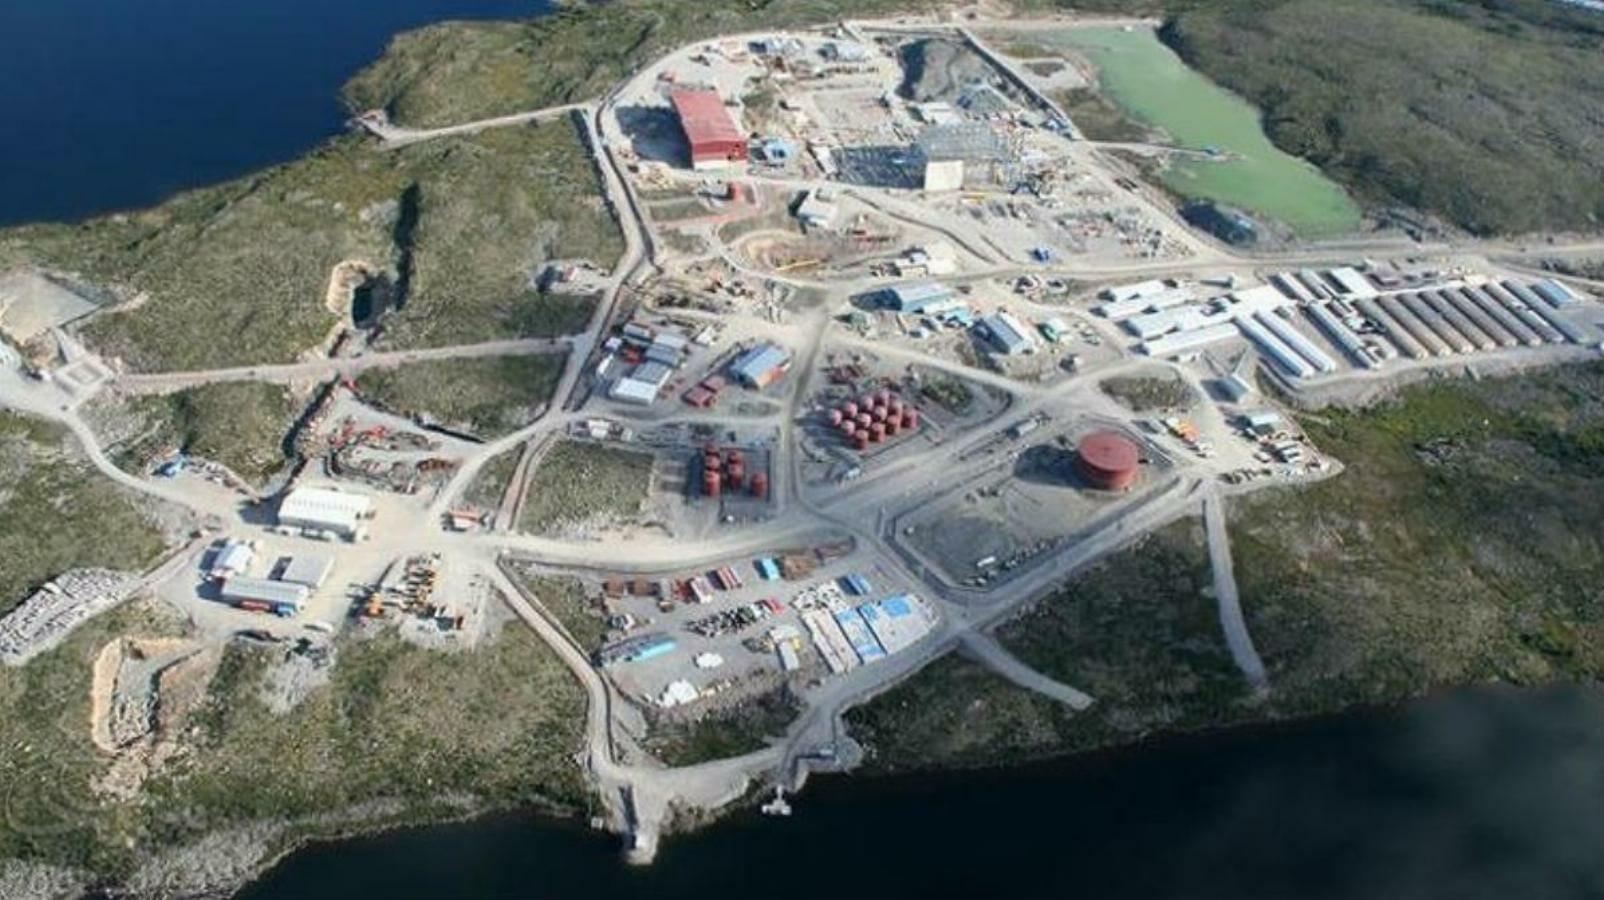 آغاز به کار بزرگترین معدن الماس جهان با درآمدی بیش از 10 میلیارد دلار برای کانادا